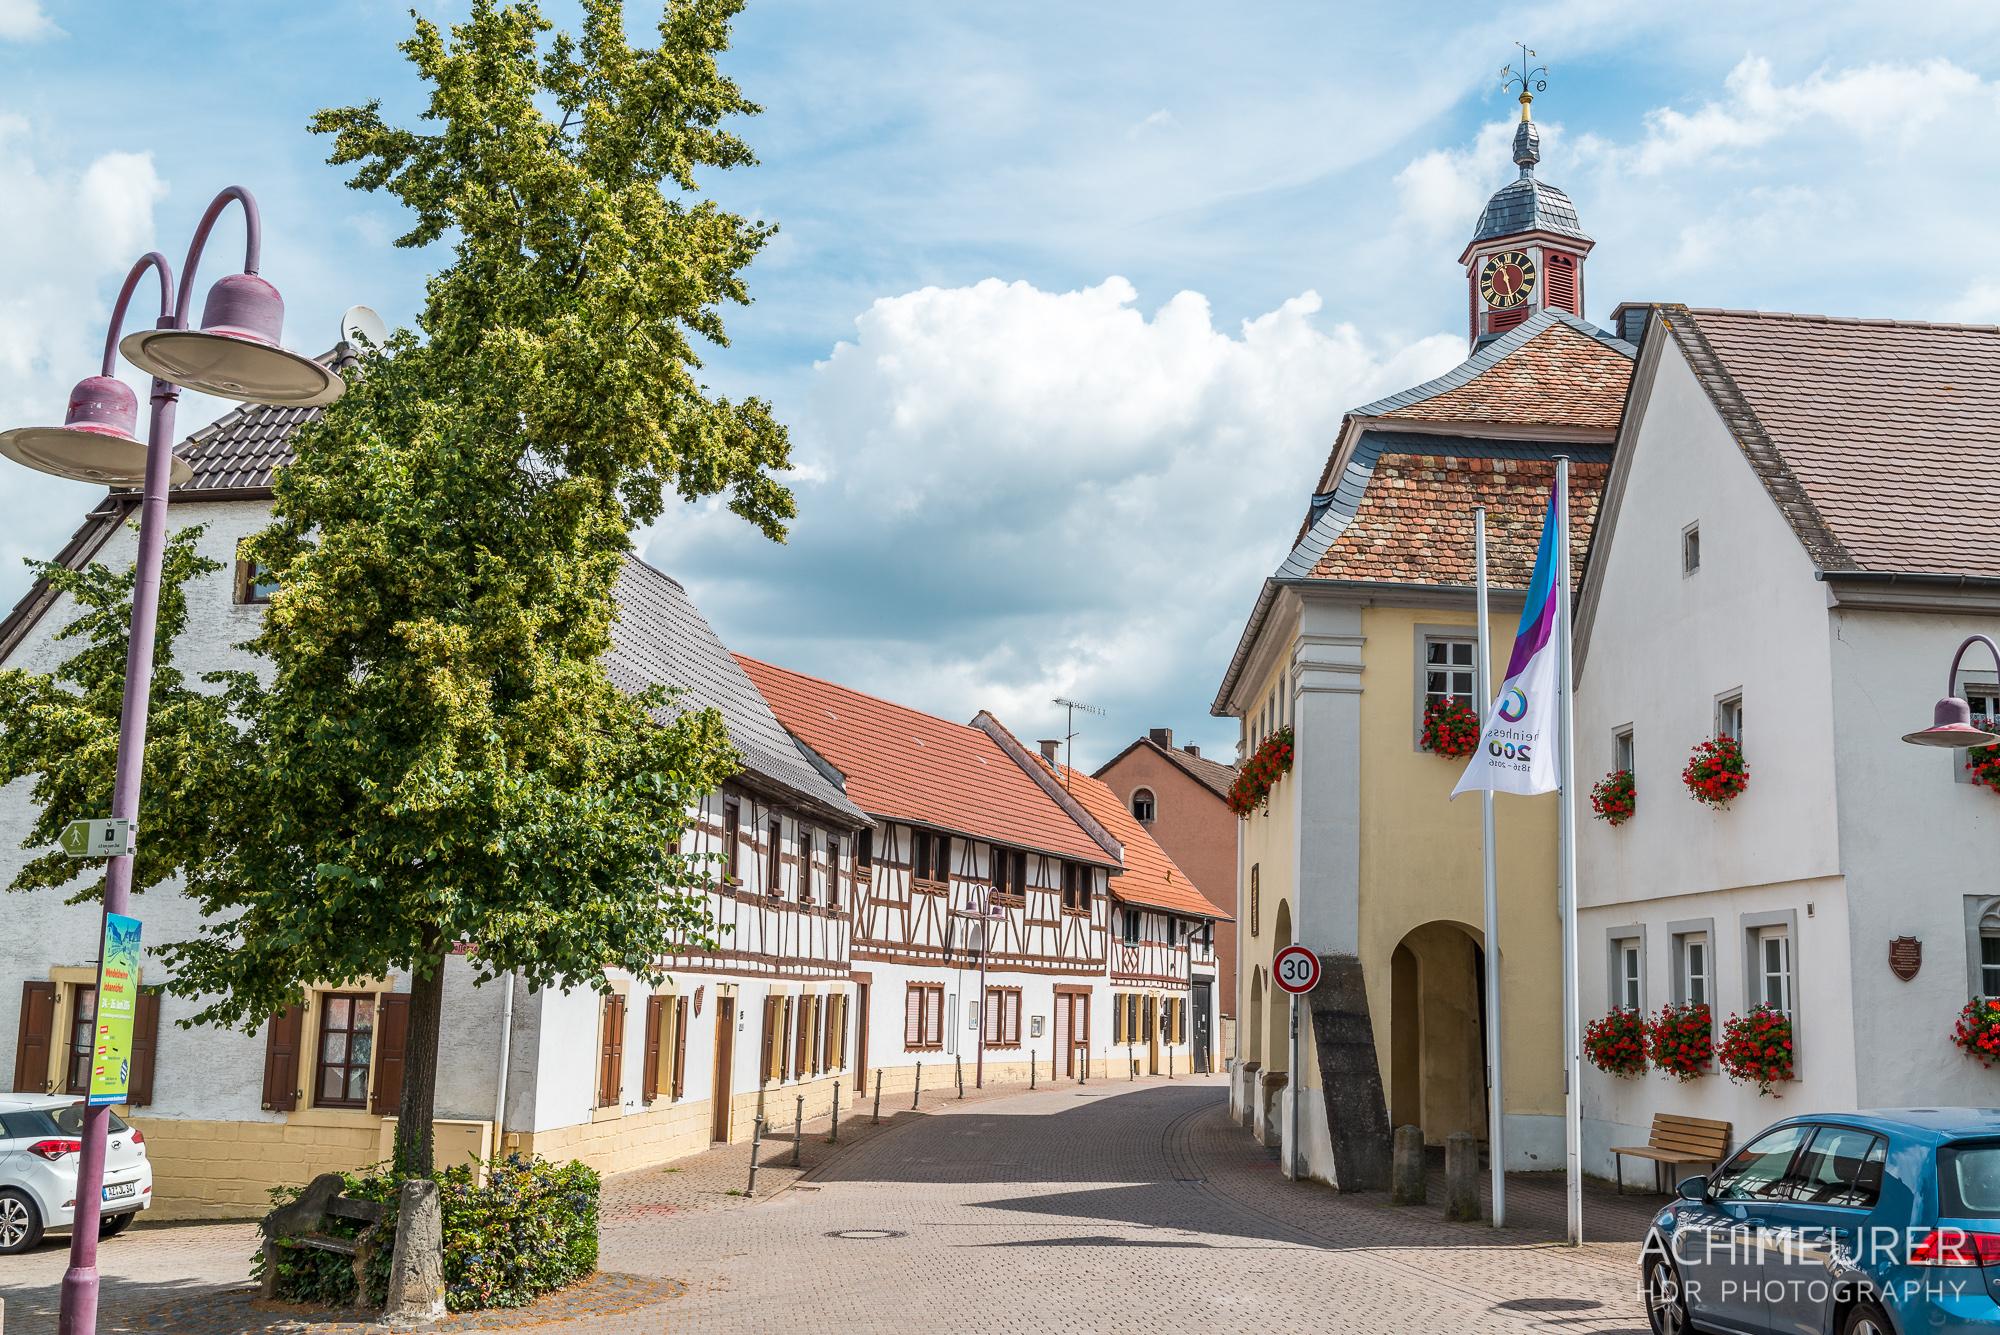 Rheinhessen-Rheinland-Pfalz_6252